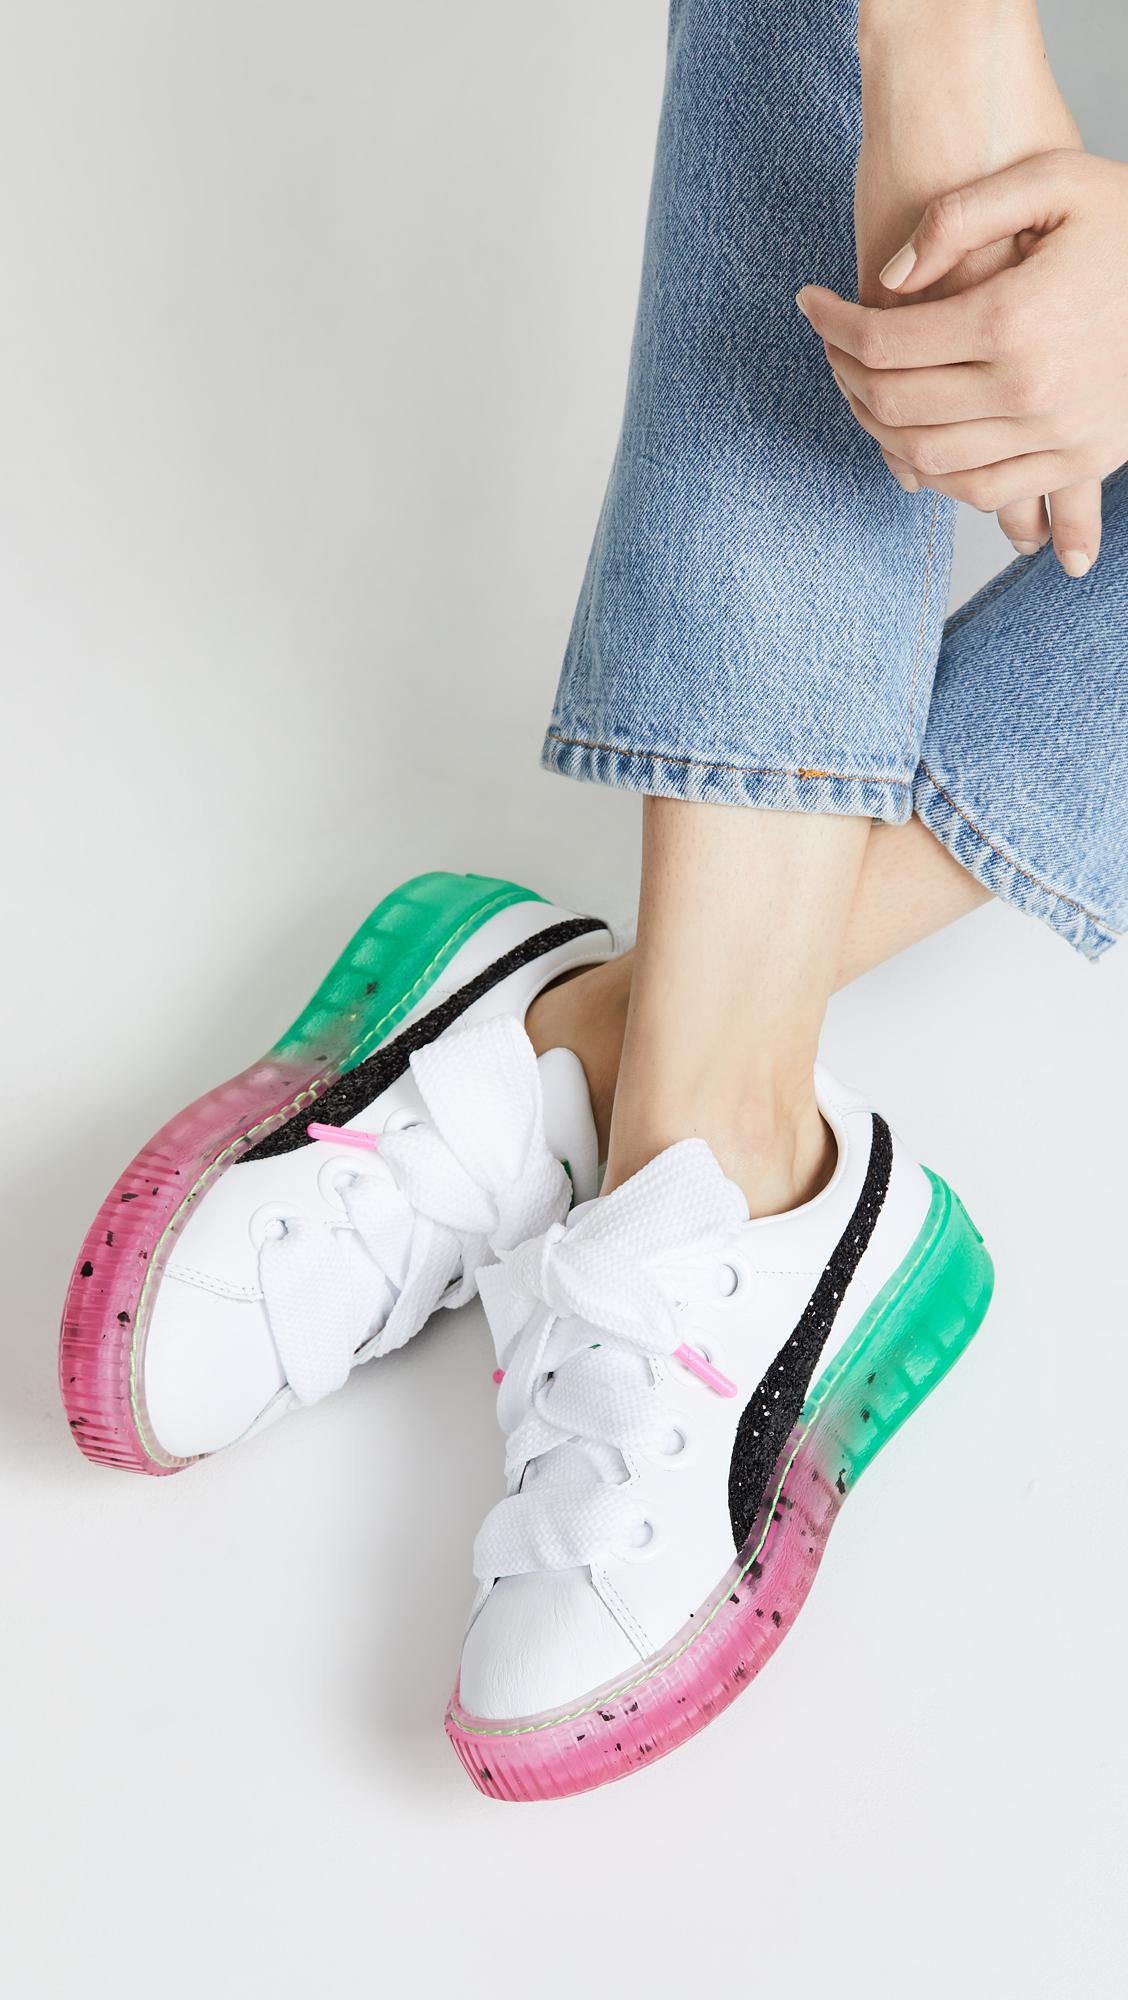 88475af1ce6725 PUMA x Sophia Webster Platform Candy Princess Sneakers